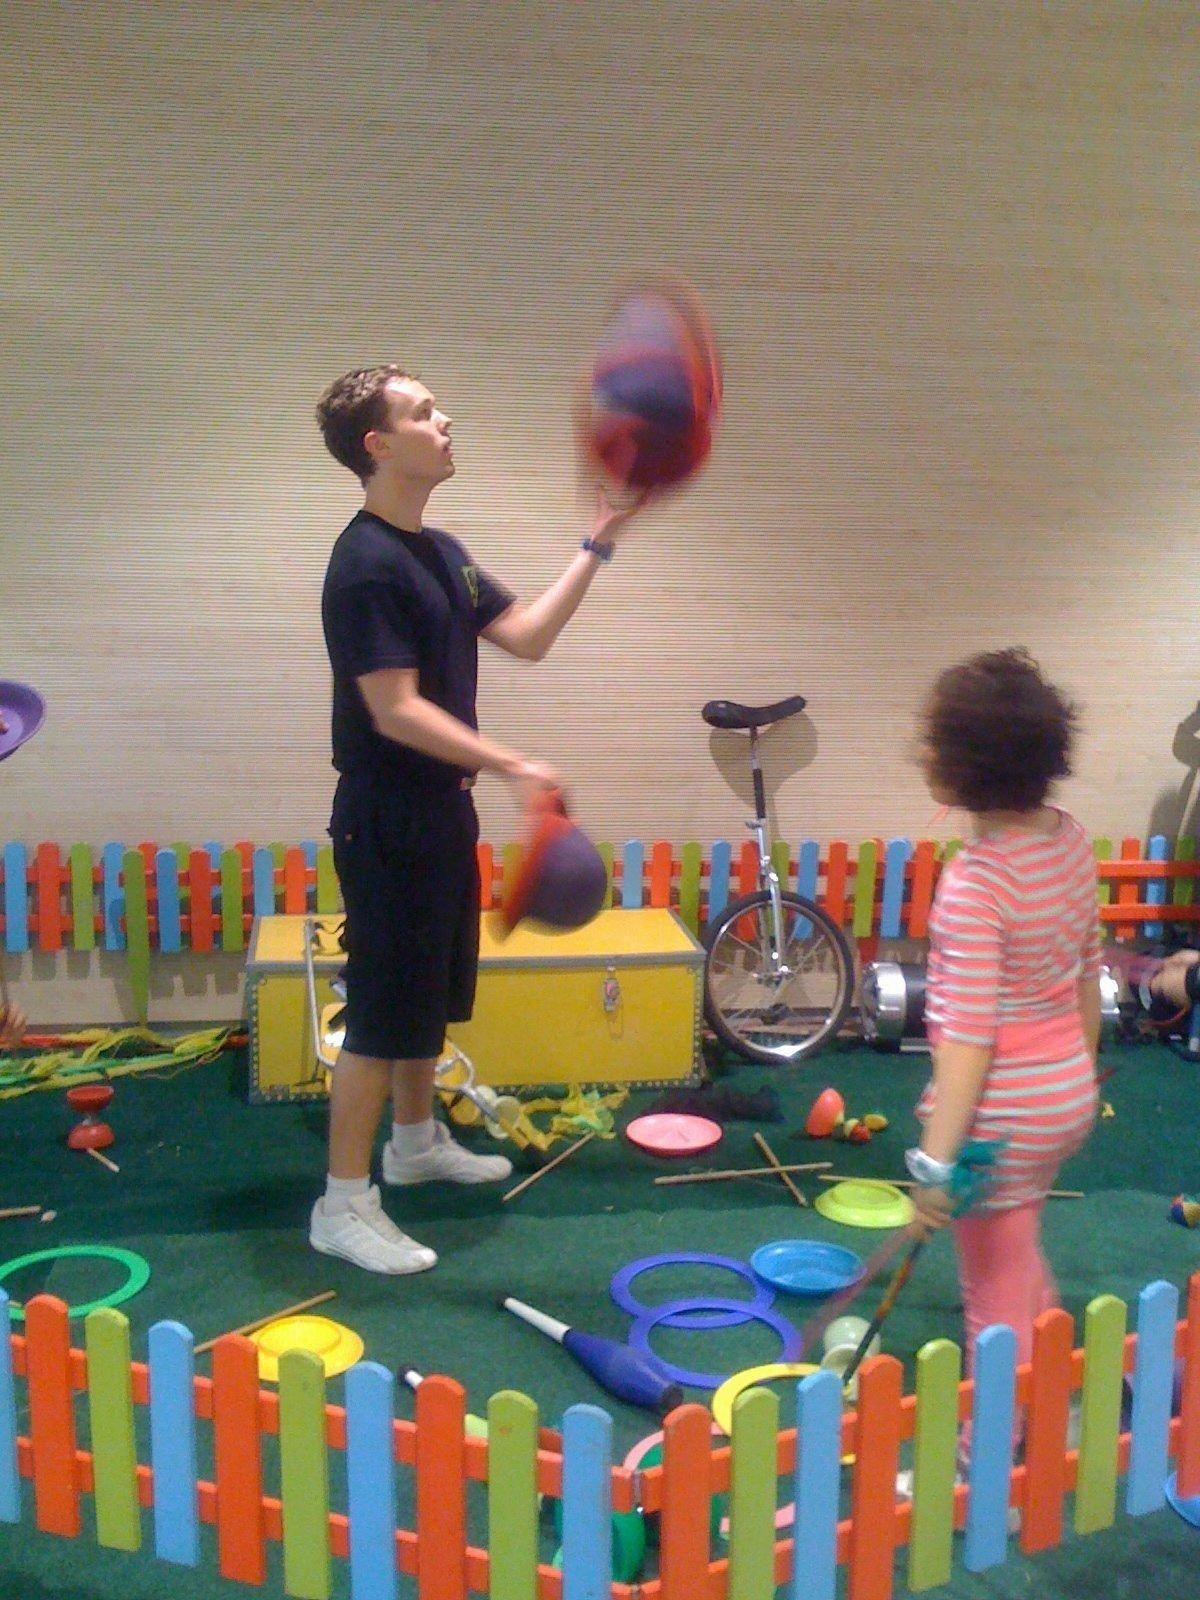 SIRKUSSKOLE: Imponerende triks under sirkusskolen på martn torsdag.